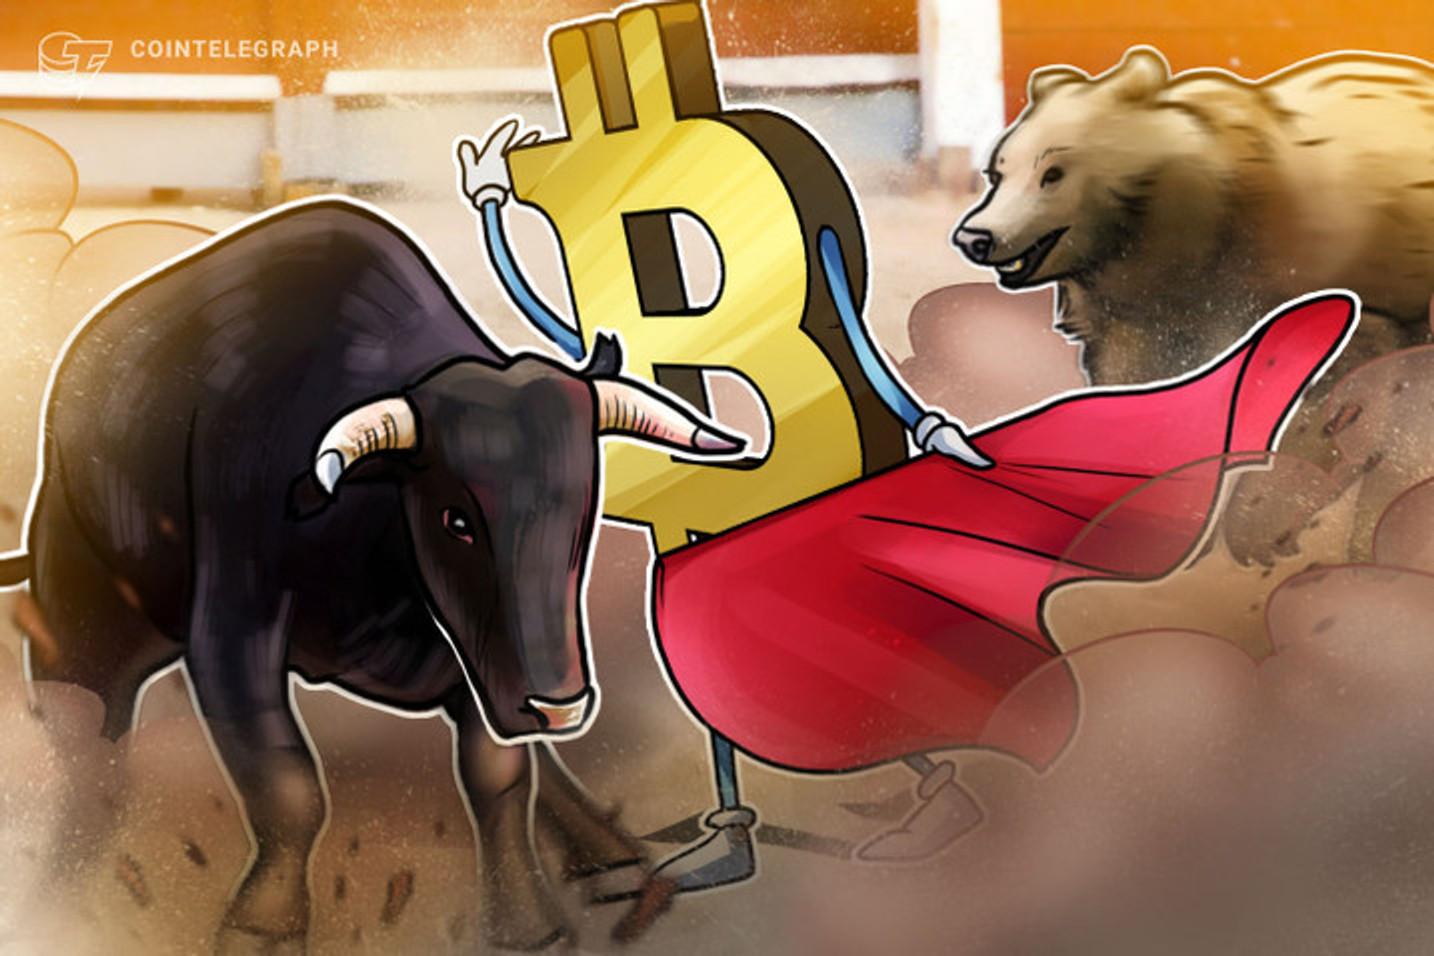 Balanço inédito aponta valorização do Bitcoin acima de 180% somente no primeiro semestre de 2020